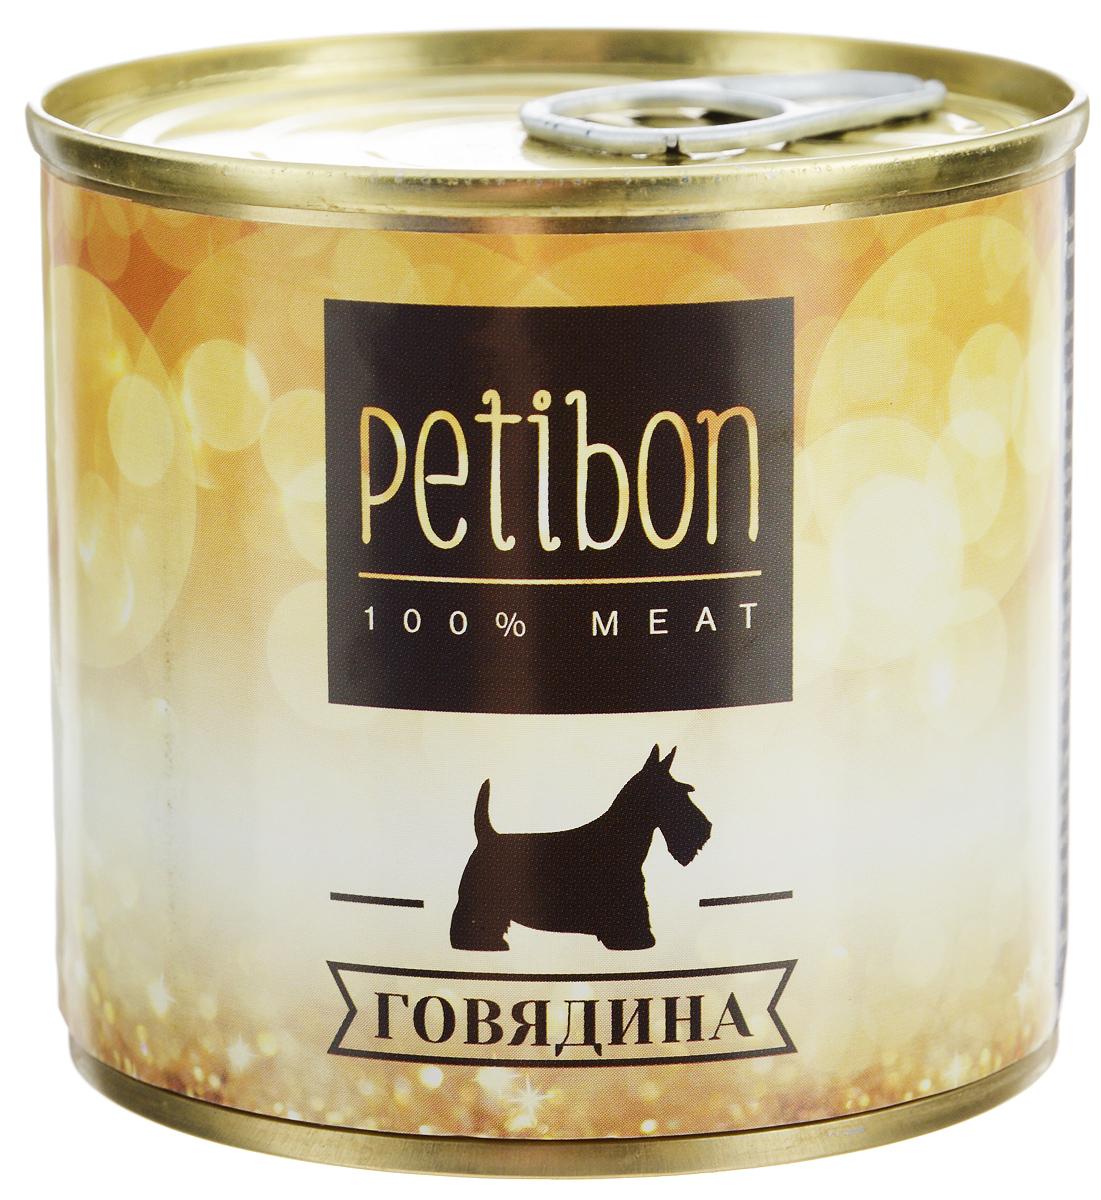 Консервы для собак Petibon, с говядиной, 240 г315141001Petibon - влажный мясной корм для собак. Использование монобелкового комплексного сырья значительно расширяет аминокислотный состав продукта. Использование корма рекомендовано для собак, нуждающихся в диете или определённом виде мяса. Товар сертифицирован.